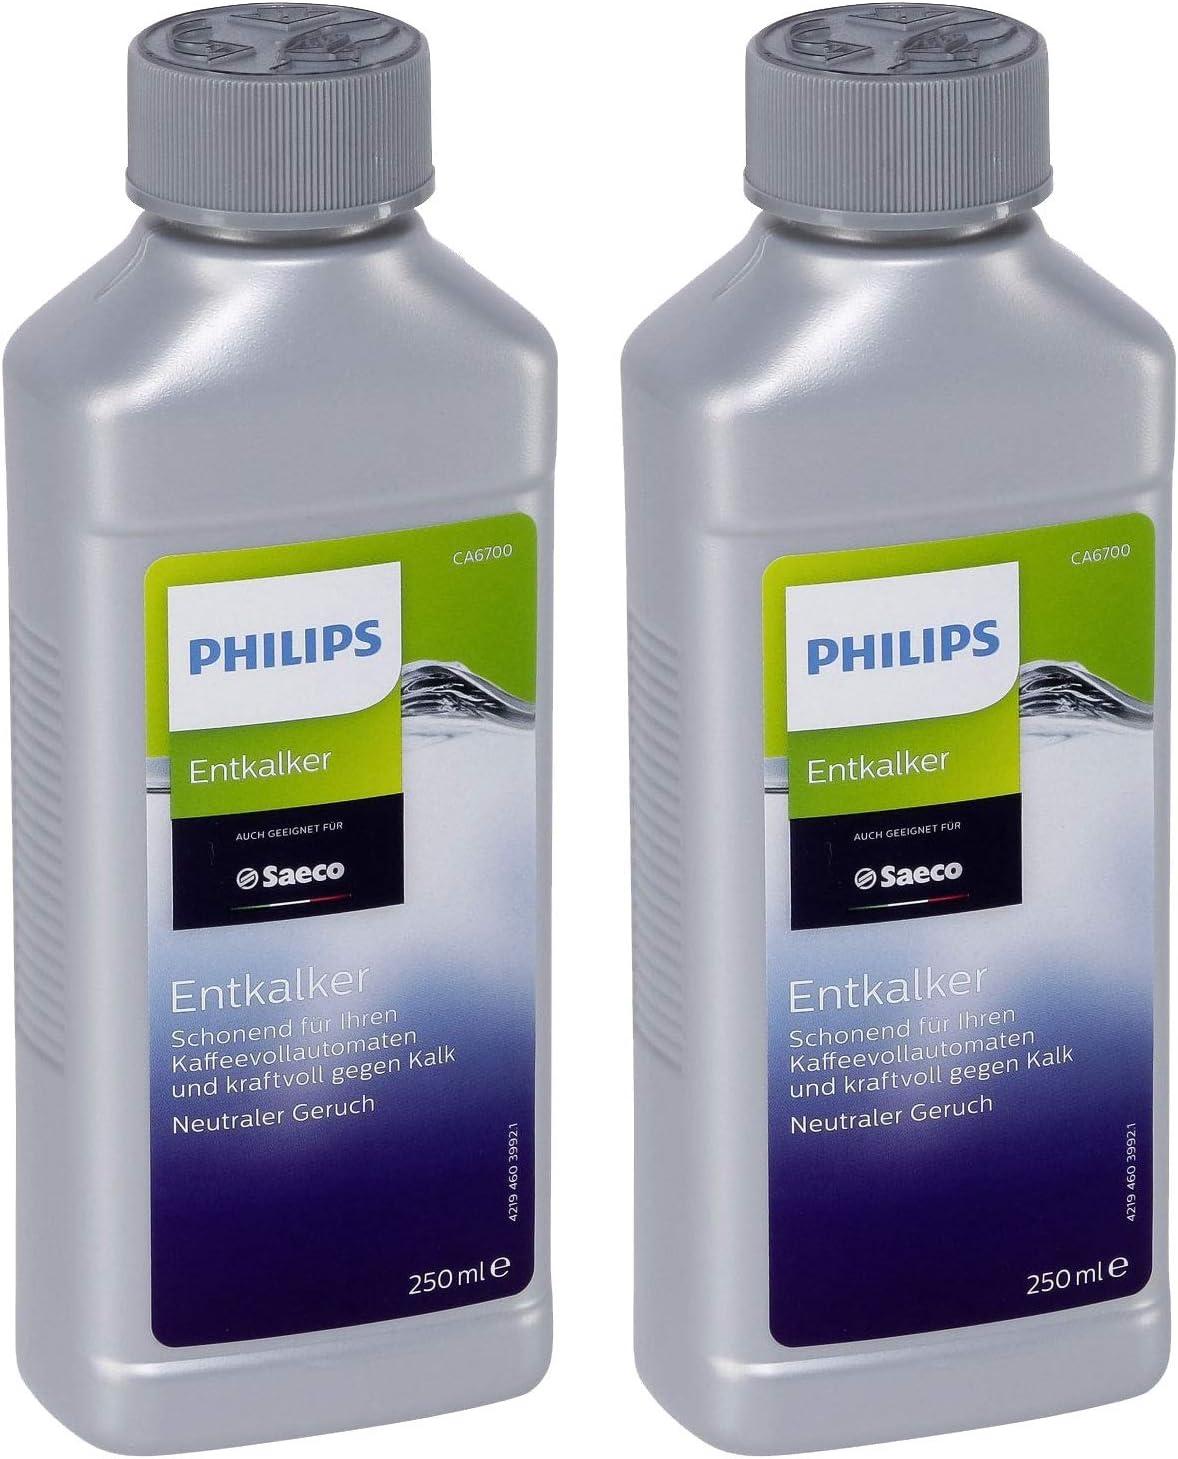 2er Pack Philips de antical CA6700/99 para cafeteras de espresso/cafeteras automáticas a 250 ml: Amazon.es: Hogar